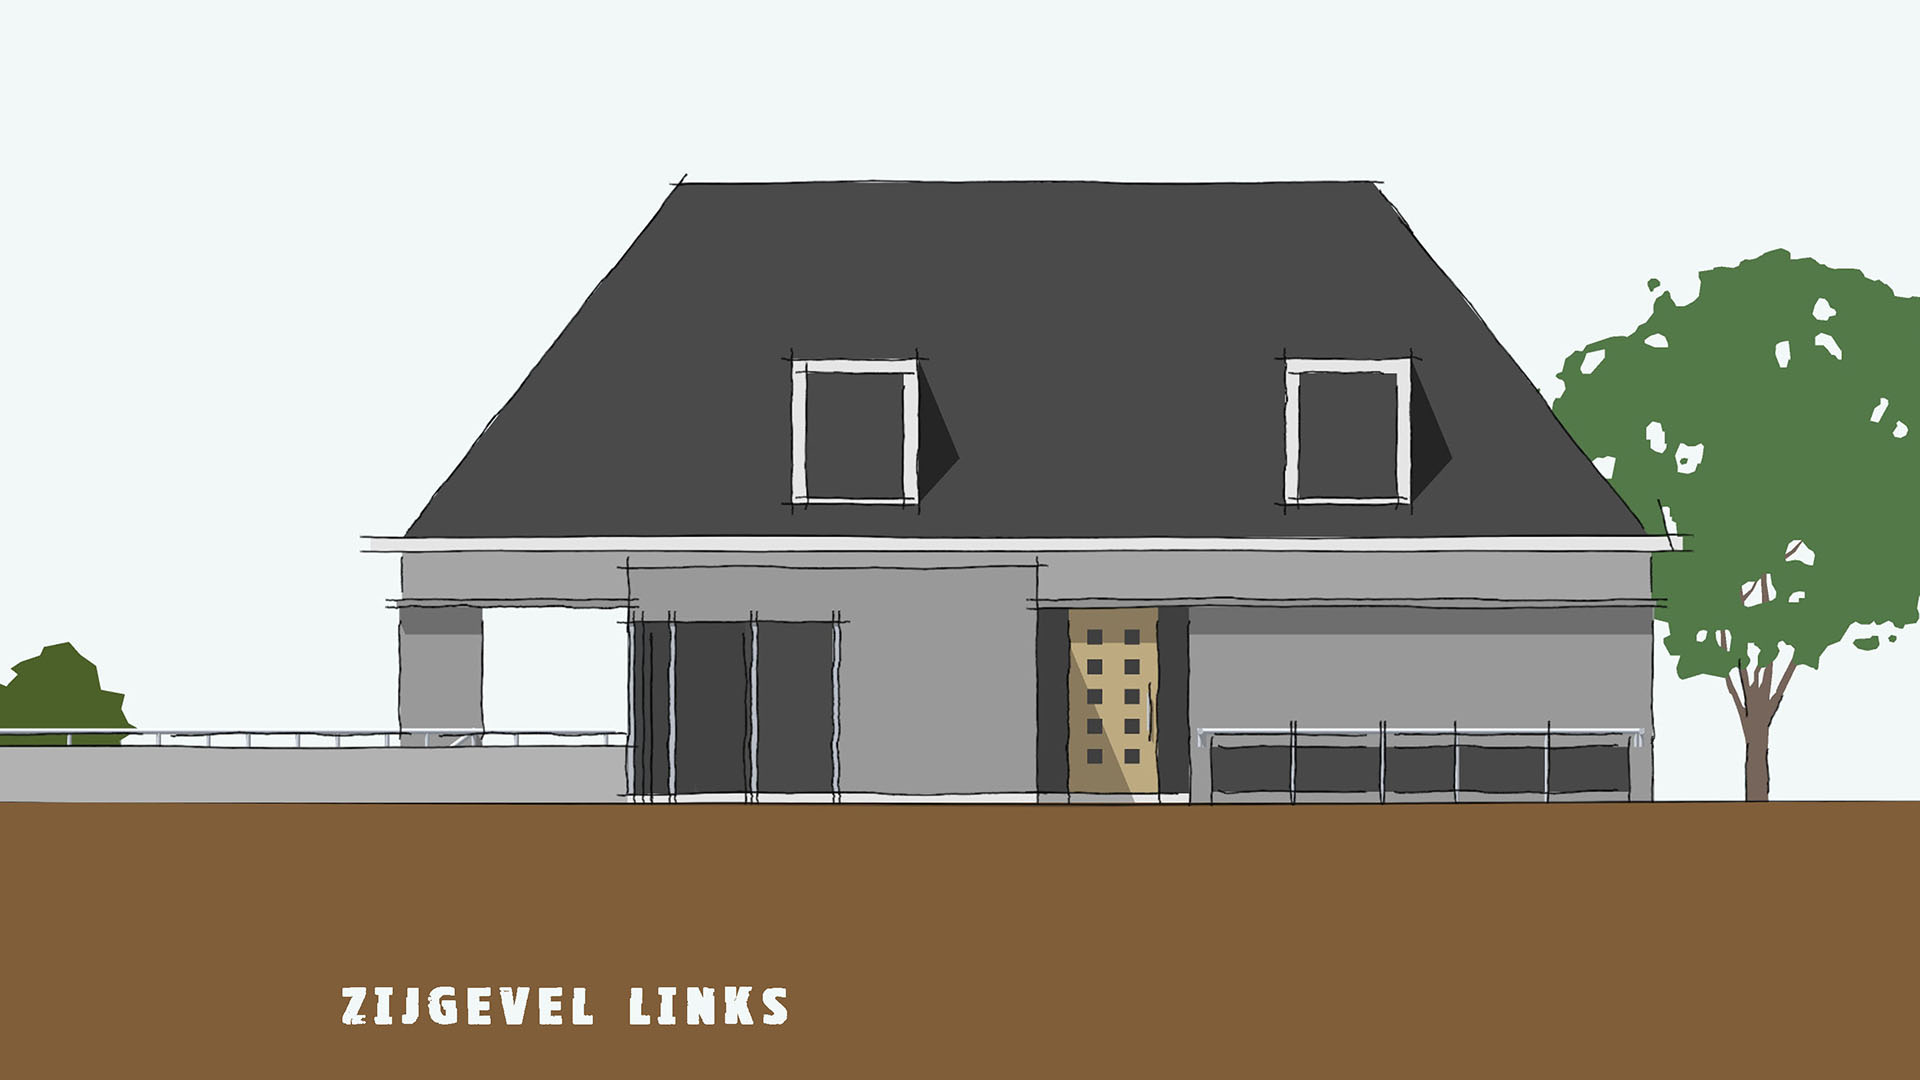 Villa land van esscheweg strijen veldman architecten - Kubieke villa ...